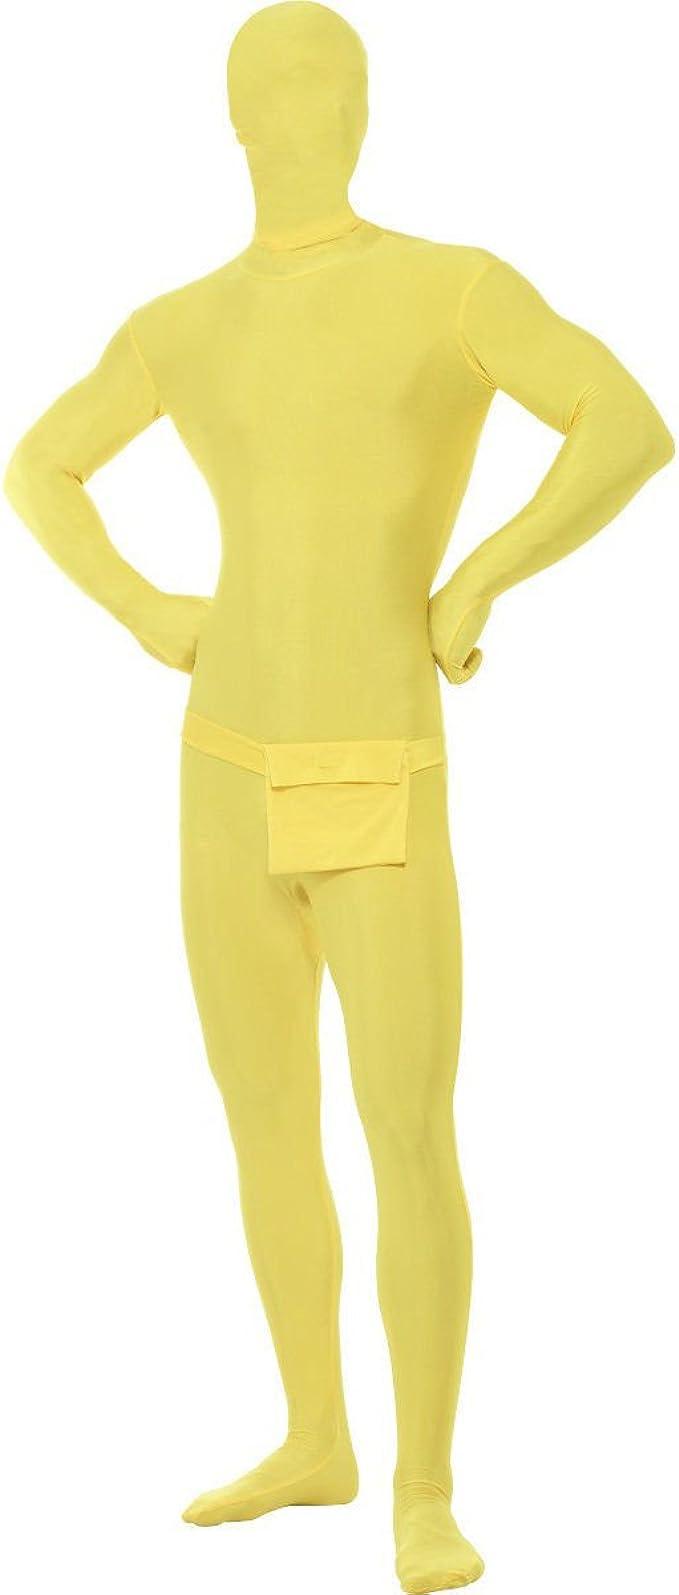 Amazon.com: Smiffy s traje de segunda piel para hombre ...